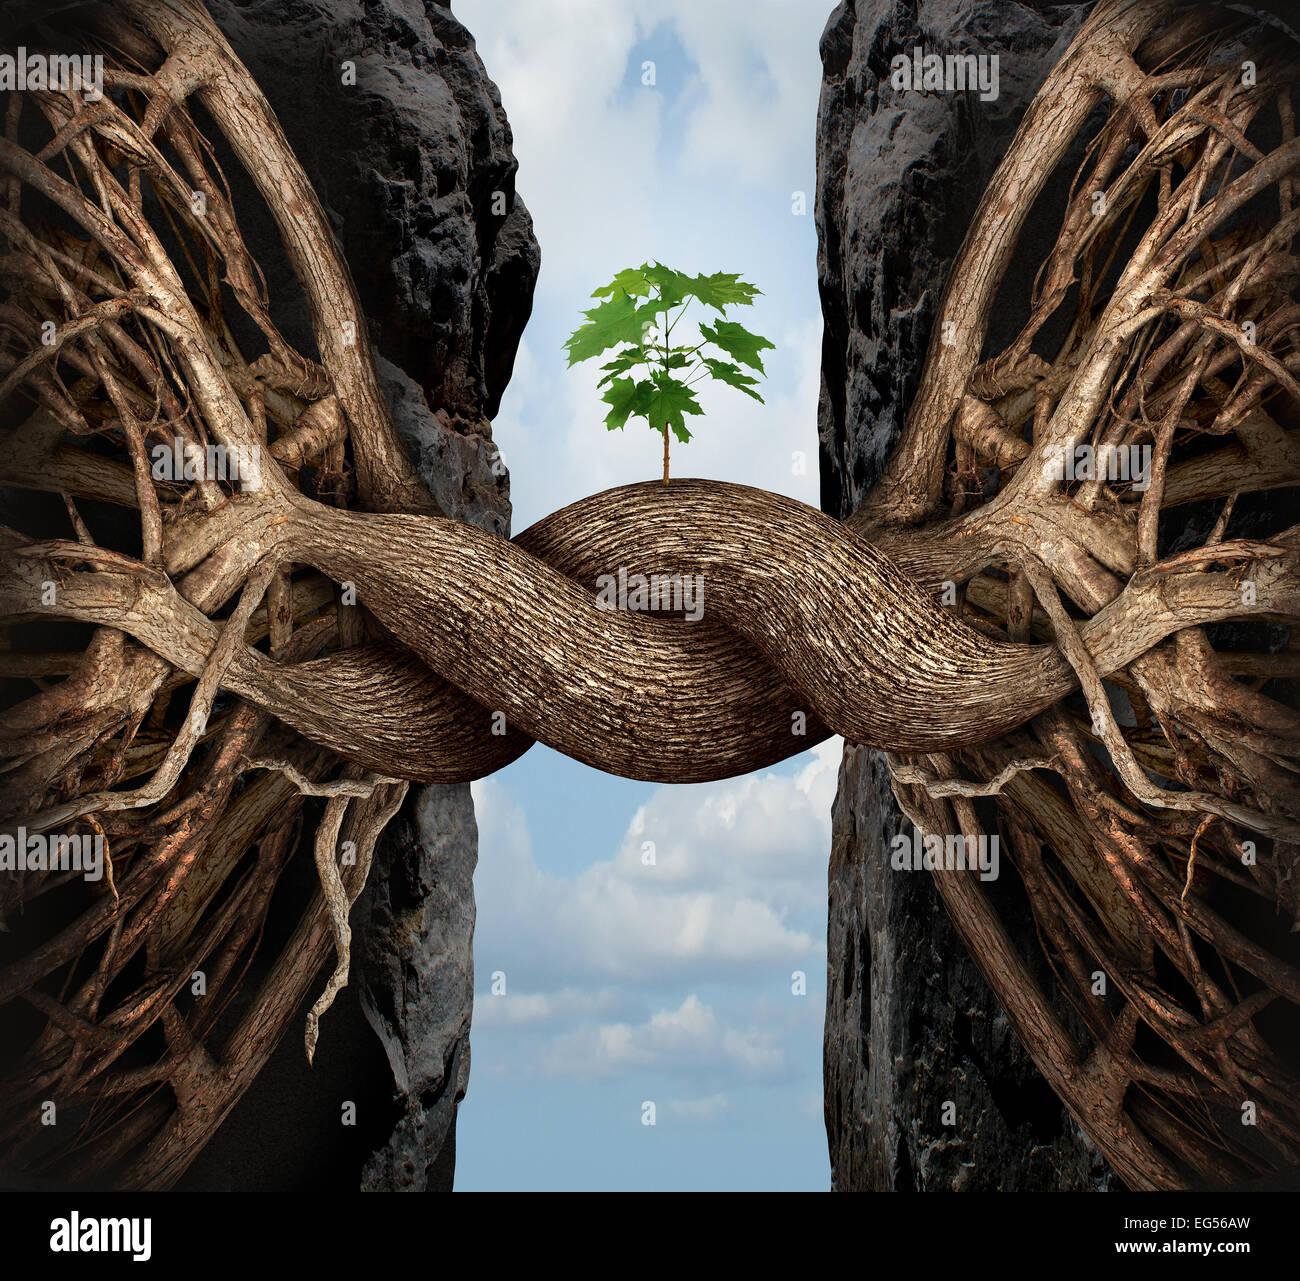 Einheit Wachstumskonzept und Brücke der Lücke Geschäft Symbol als zwei Baumwurzeln auf einem hohen Stockbild